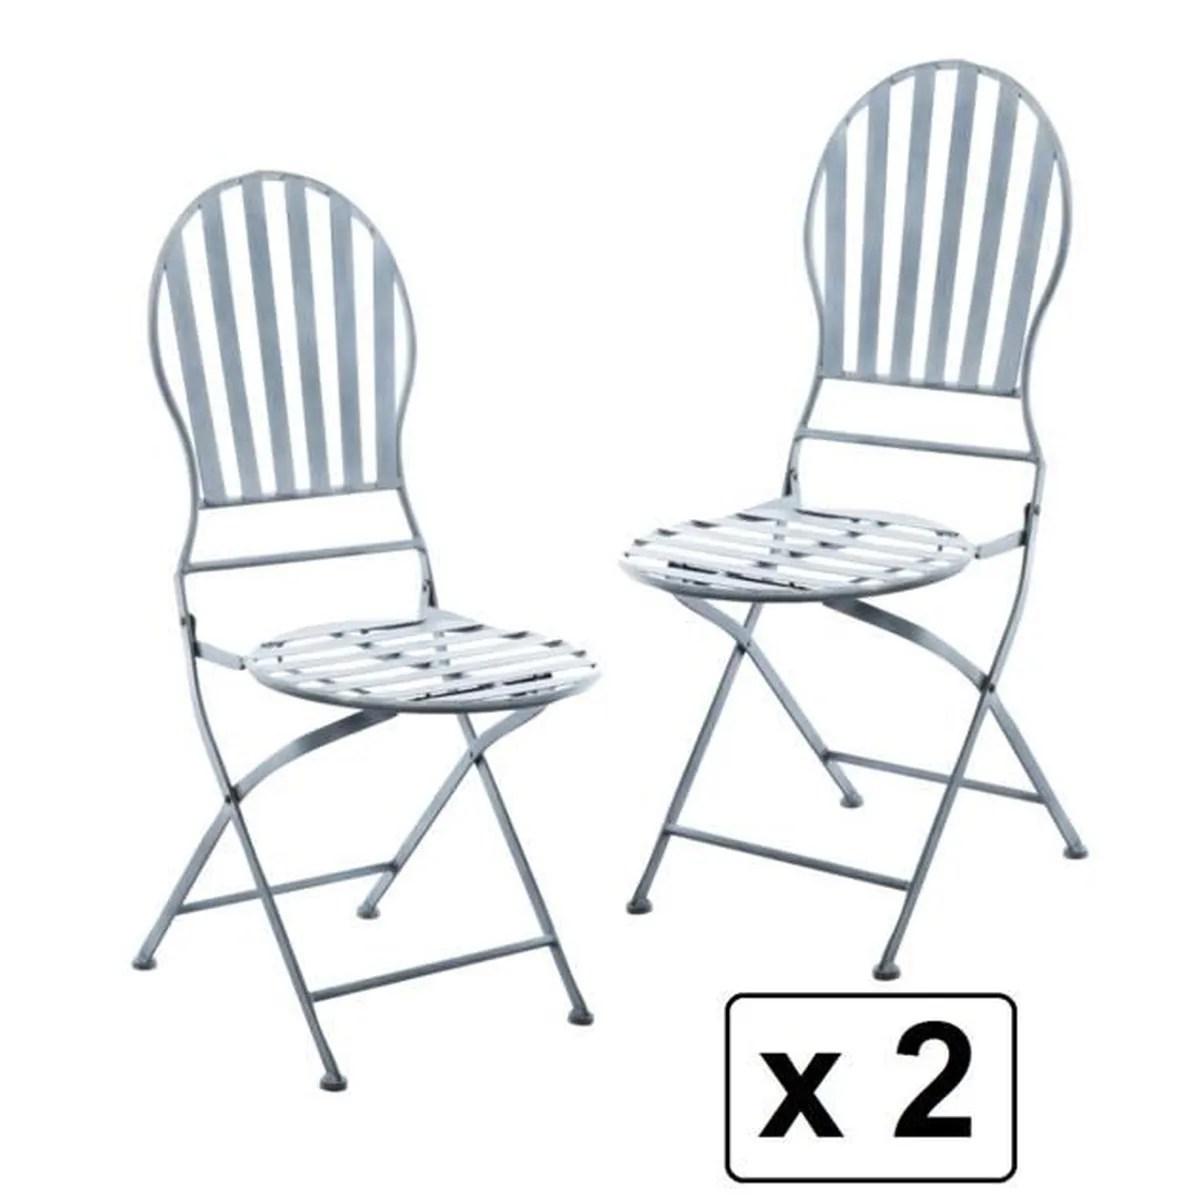 Fauteuils Pliantes | Lot De 2 Chaises Pliantes Style Fer Forgé Gris ...